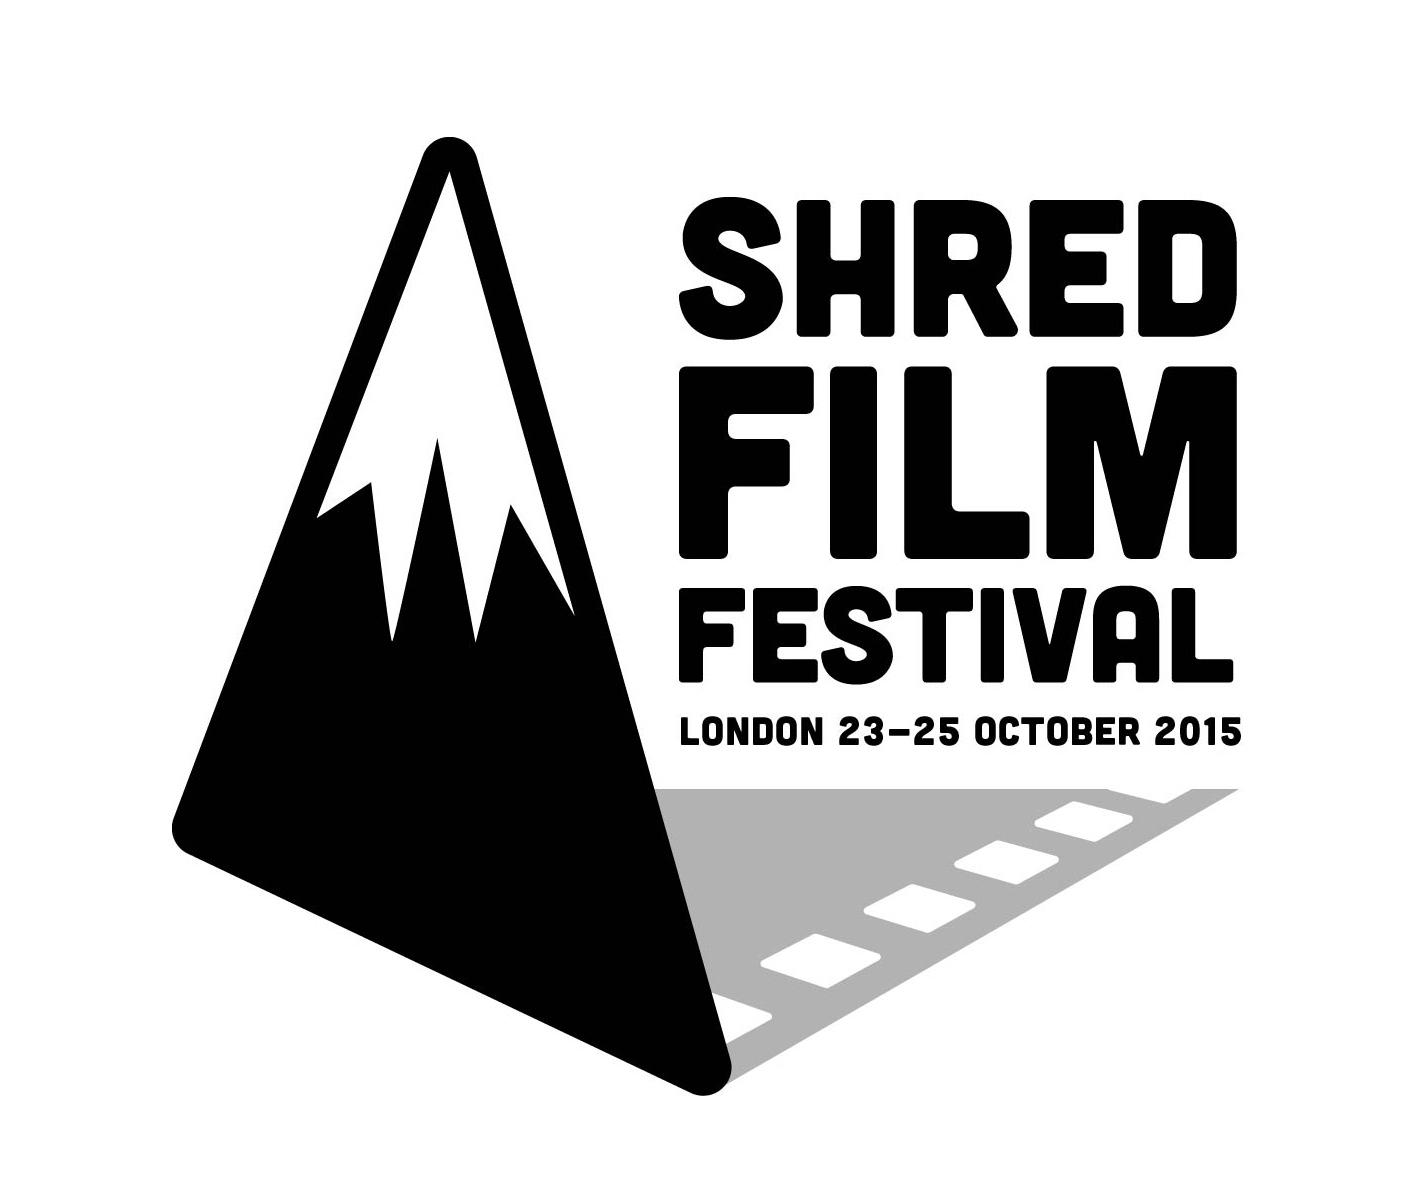 shred film festival london